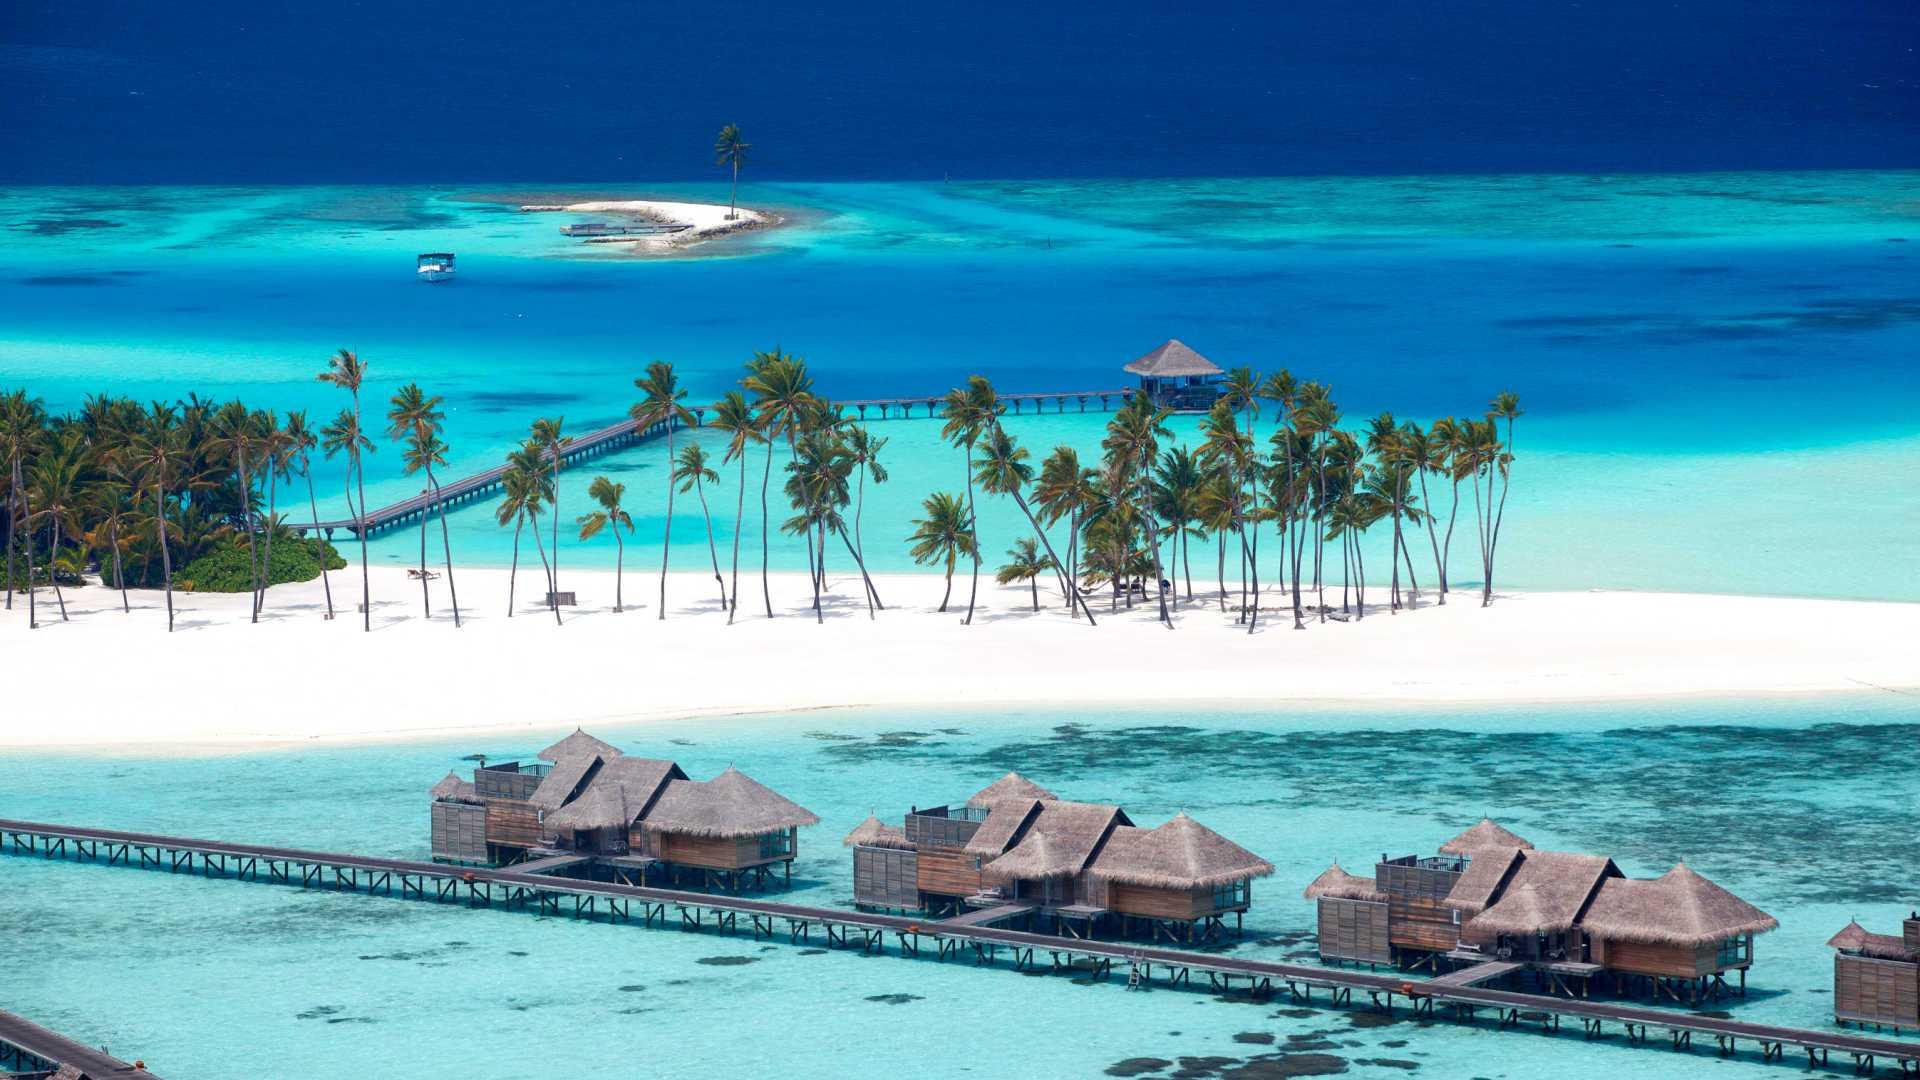 بالصور بالصور جزر المالديف , تفاصيل عن جزر المالديف unnamed file 180